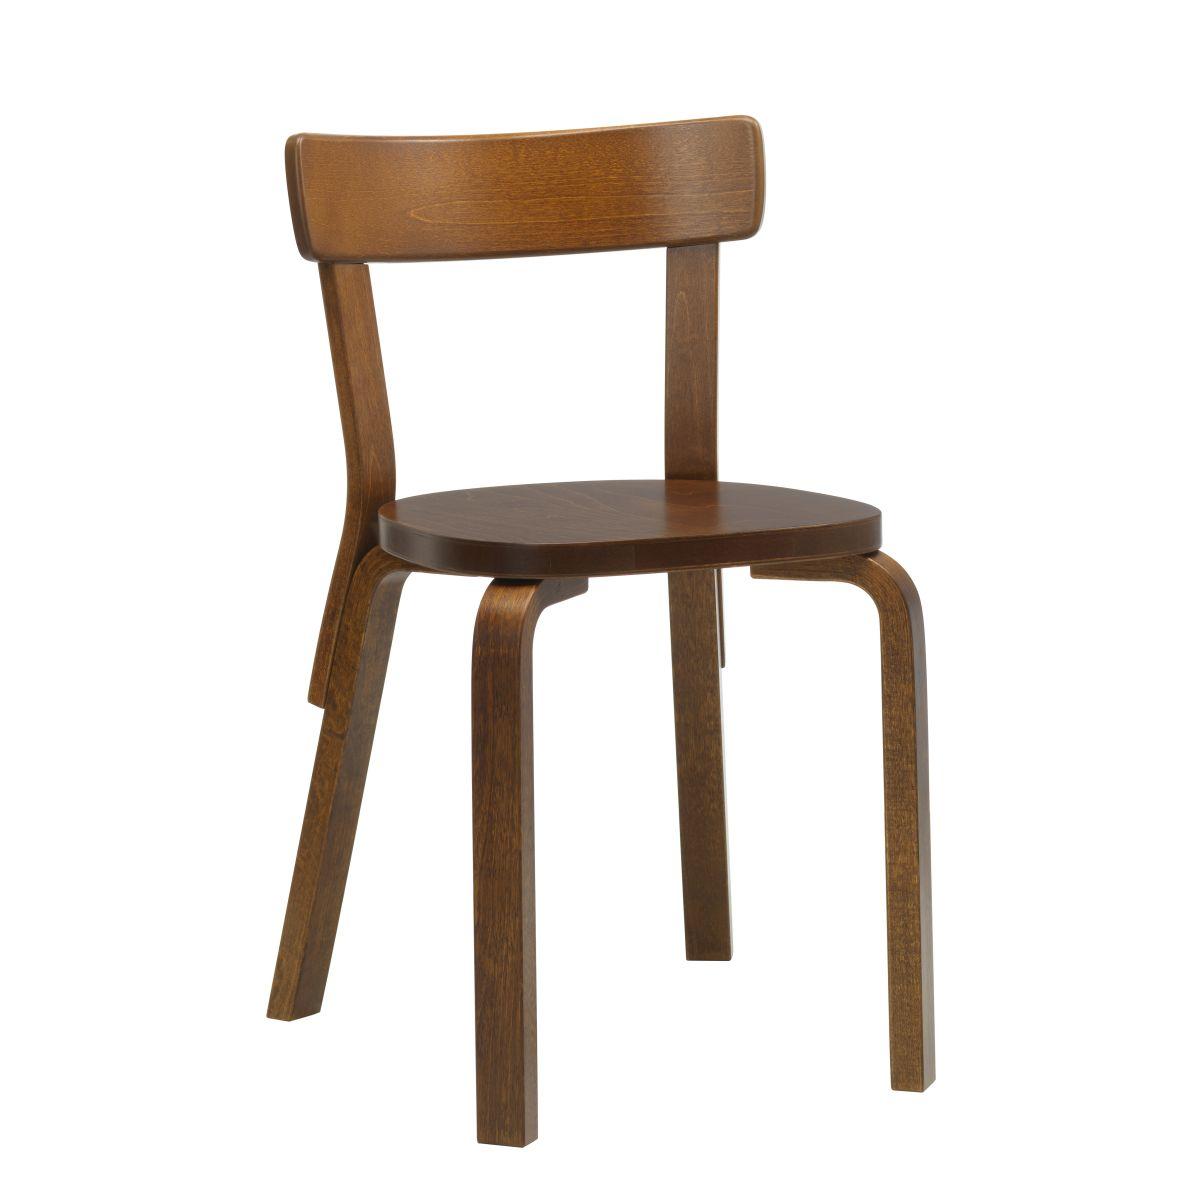 Chair_69_walnut_stain_F